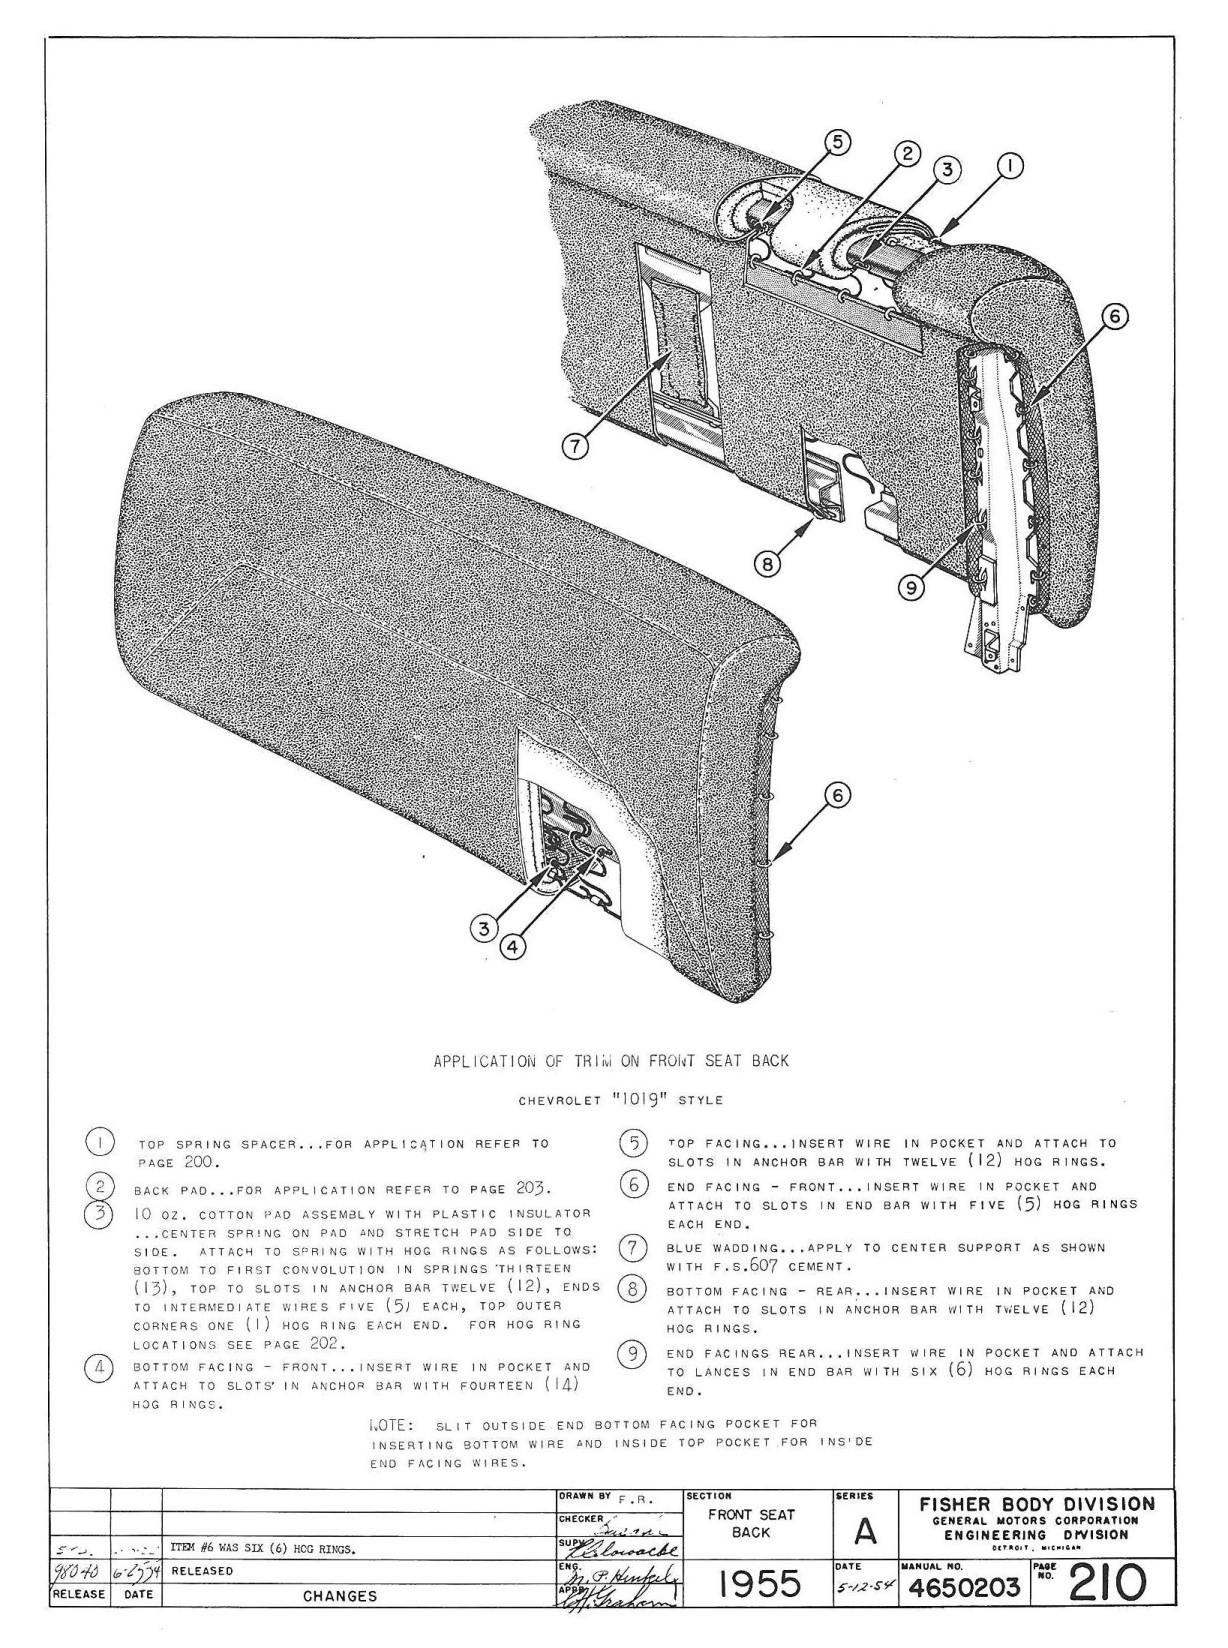 trifivechevys.com: 1955 Chevy Trim Instructions Manual